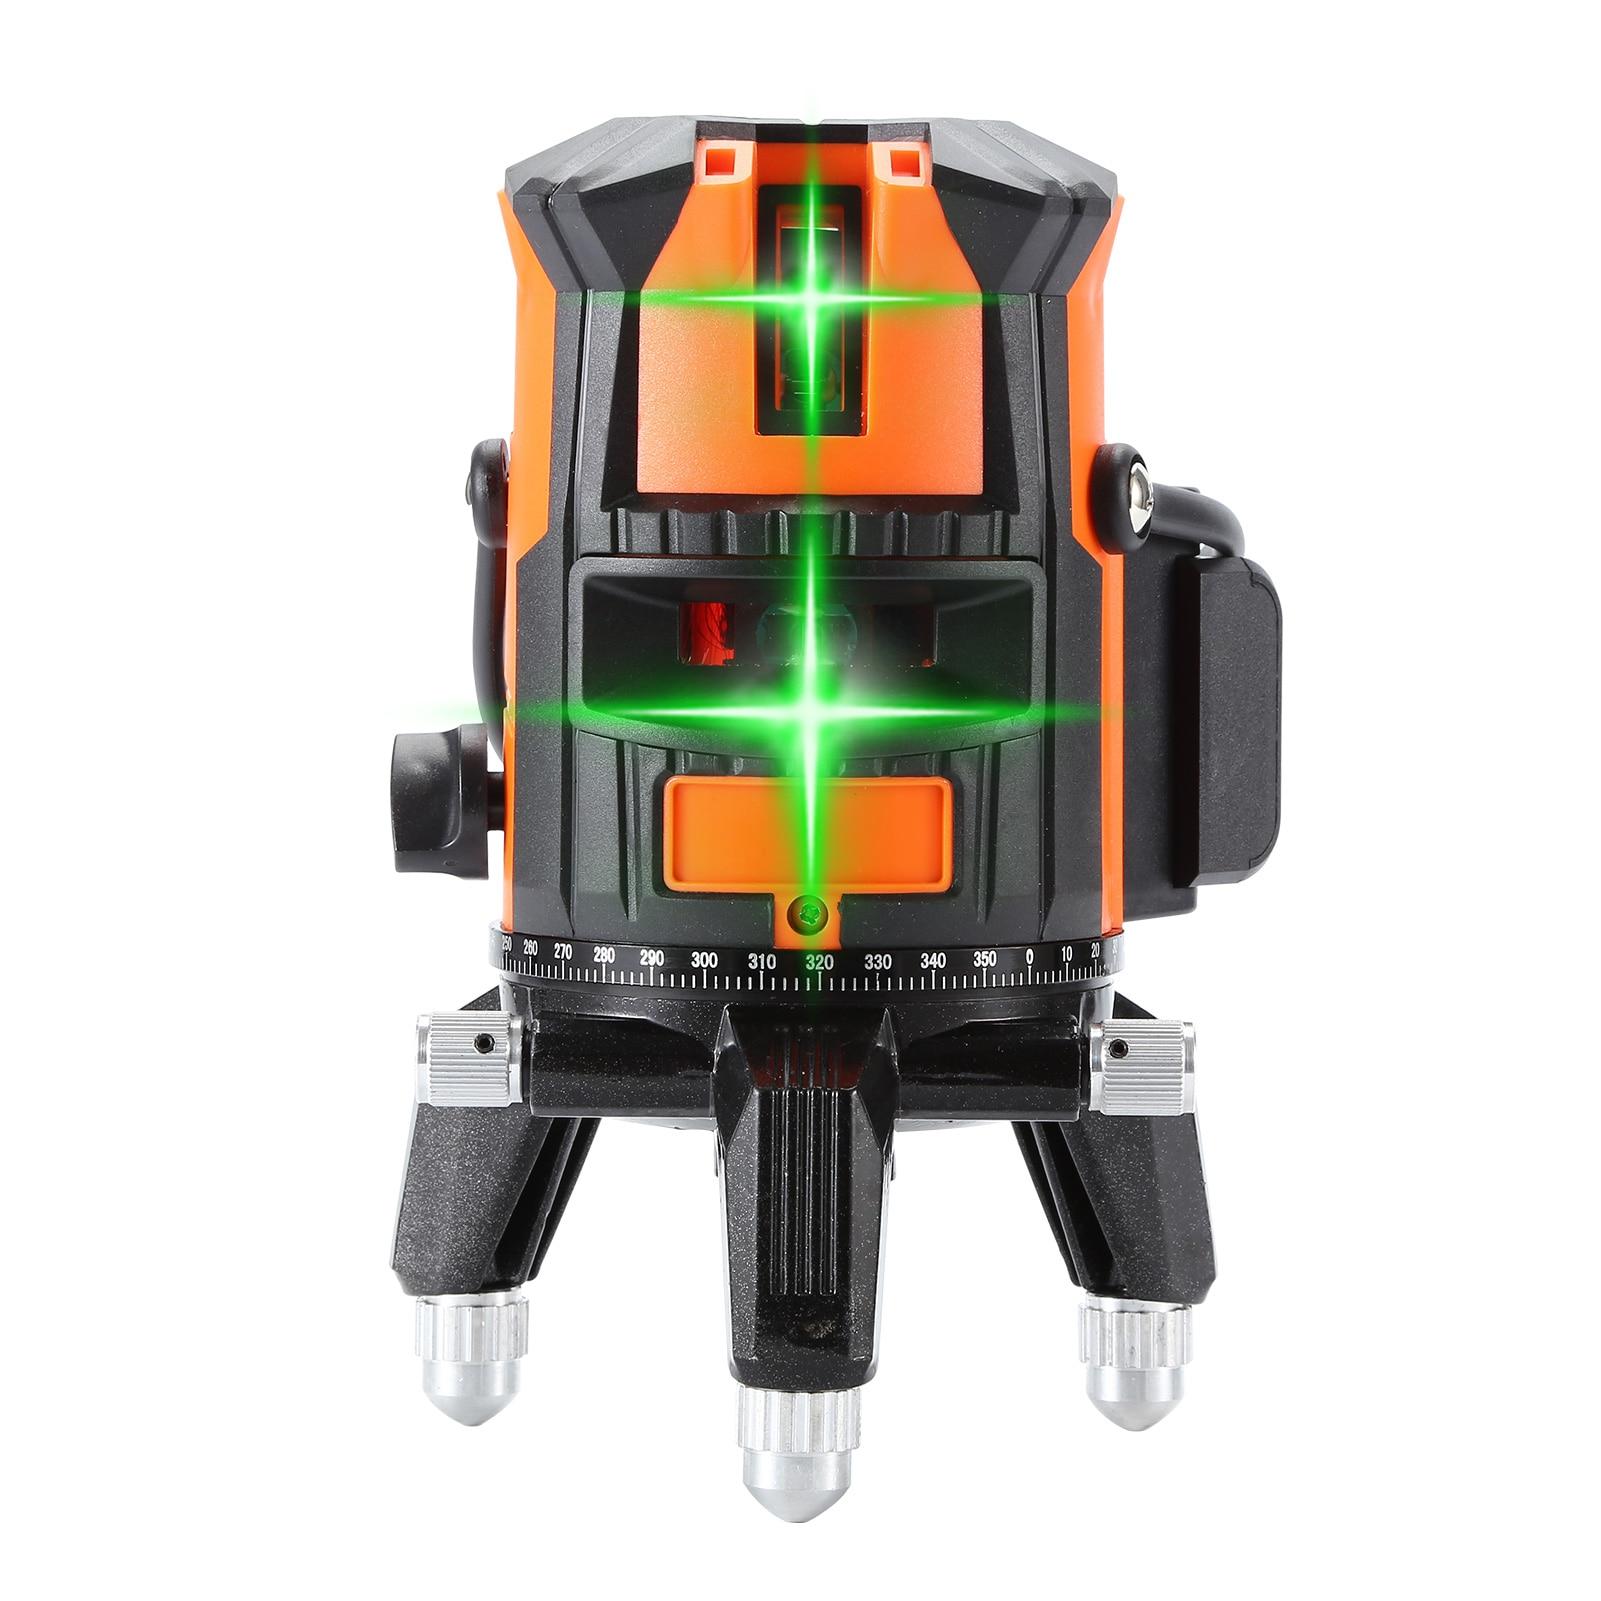 Horizontal e Vertical do Laser das Linhas Verdes do Laser do Nível Giratória do Auto-nivelamento do Laser Nível Linhas Pontos 360 Linha 5 6